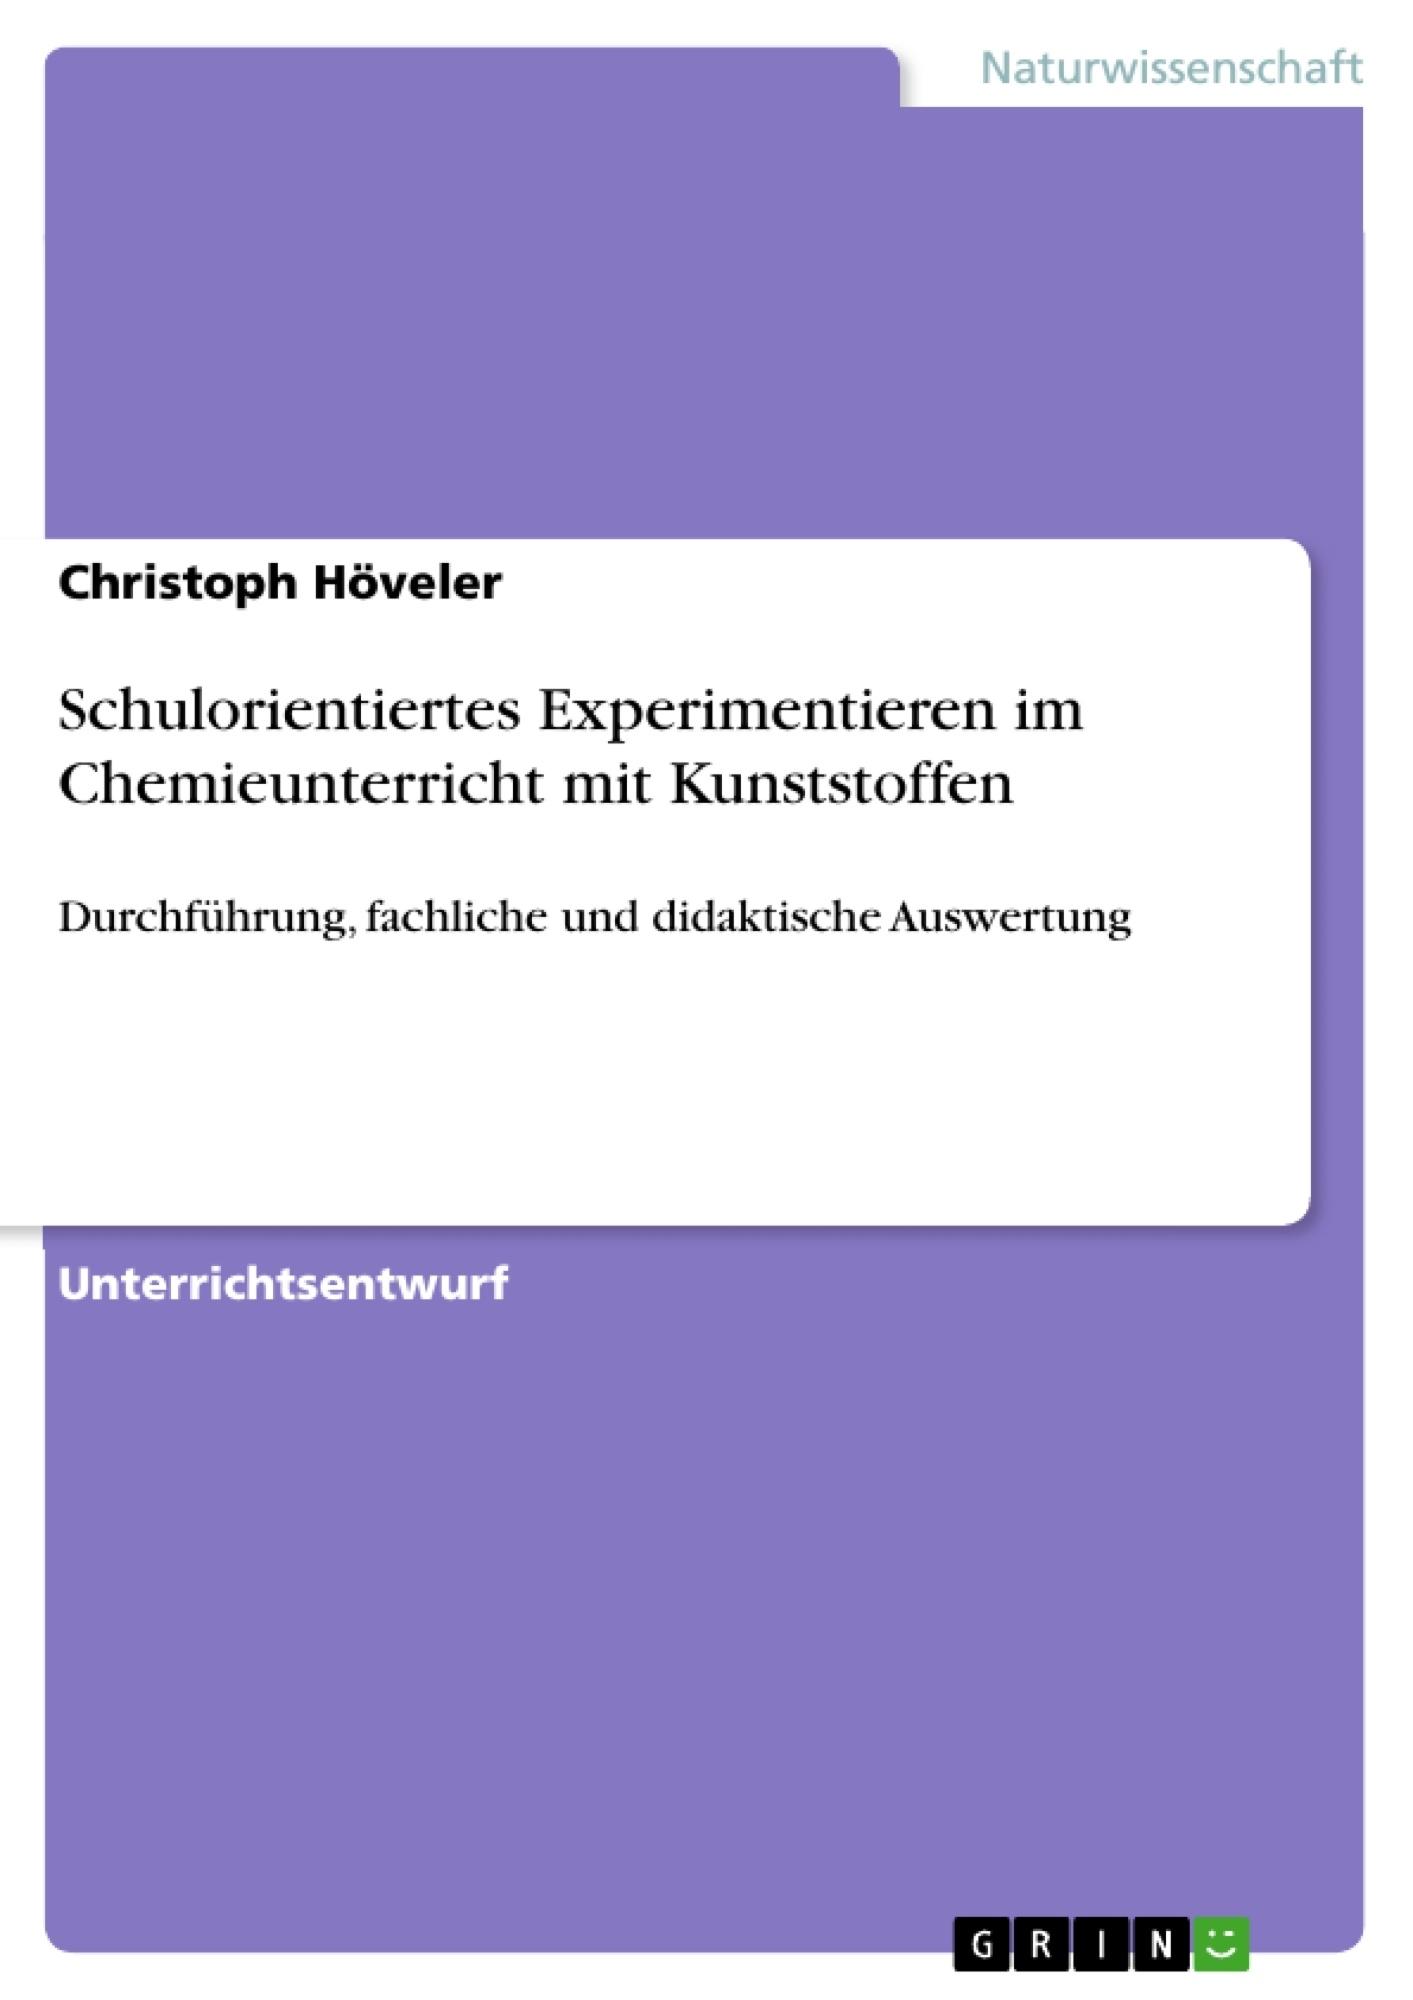 Titel: Schulorientiertes Experimentieren im Chemieunterricht mit Kunststoffen